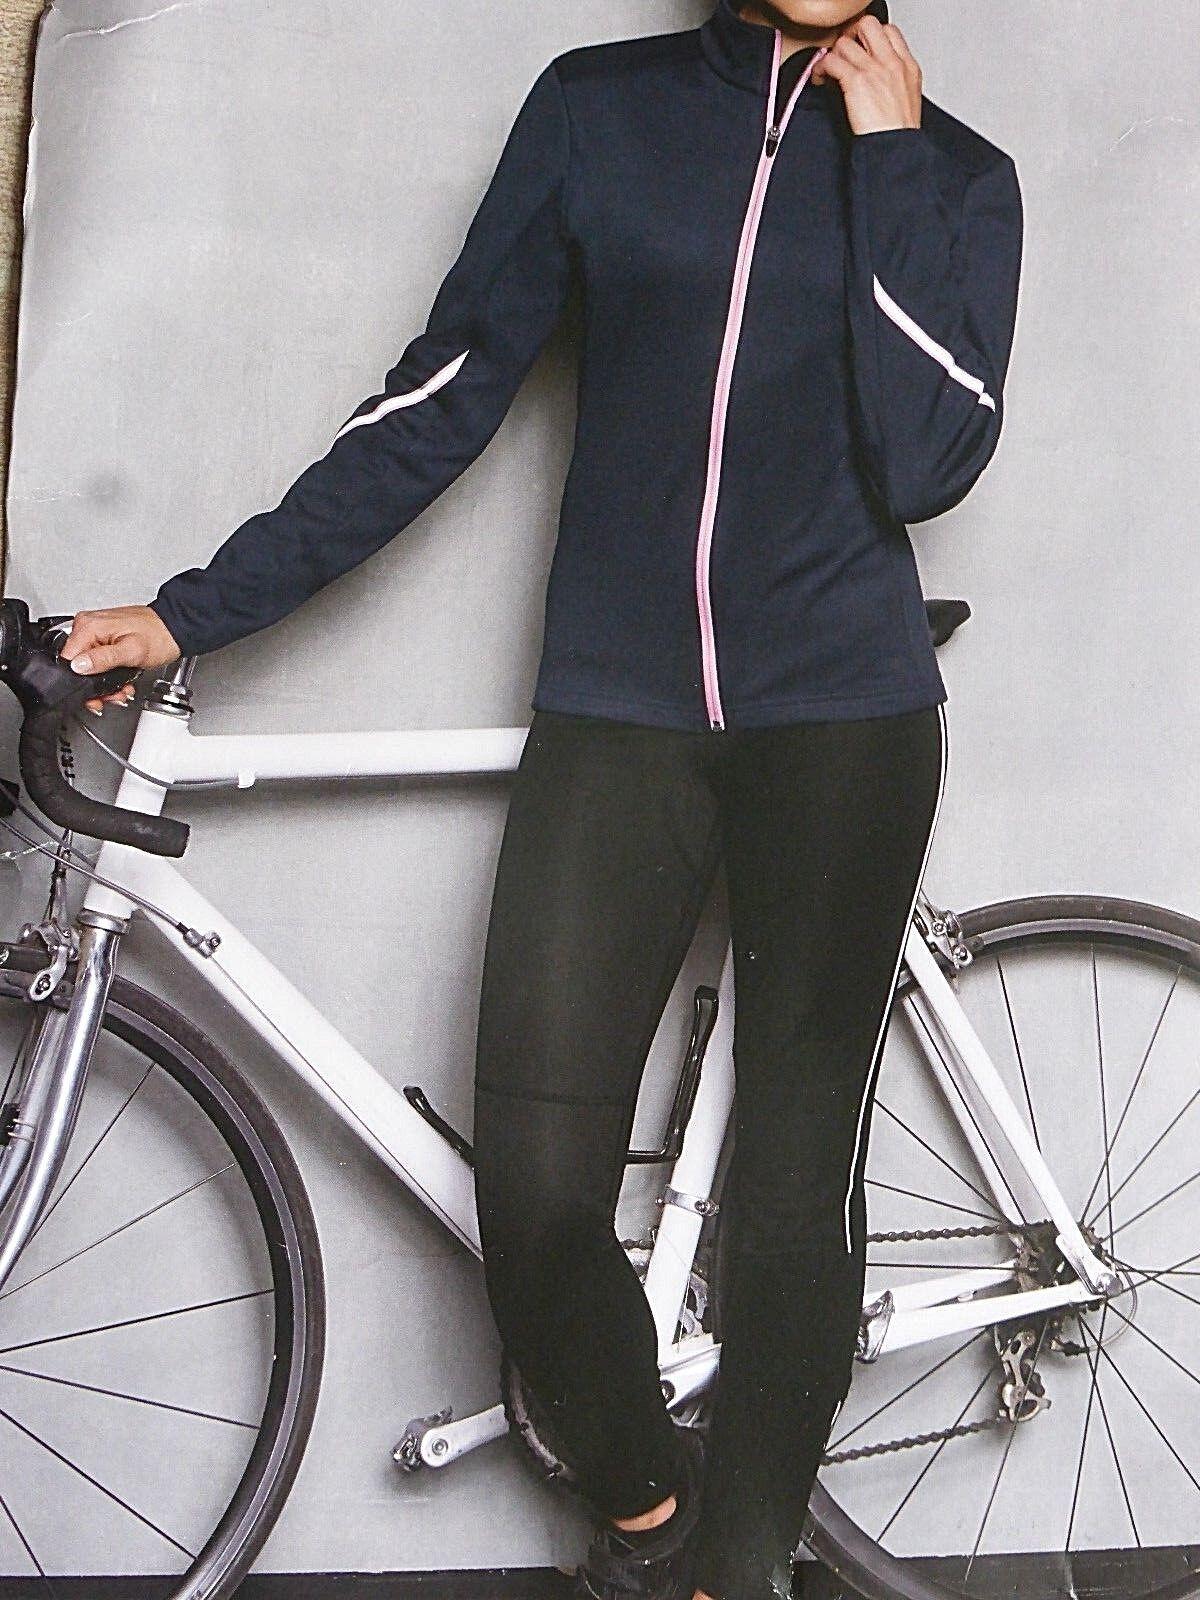 Damen Winter Radlerhose Lang Softshell Gr.38-42 Fahrradhose Öko-TEX Schwarz